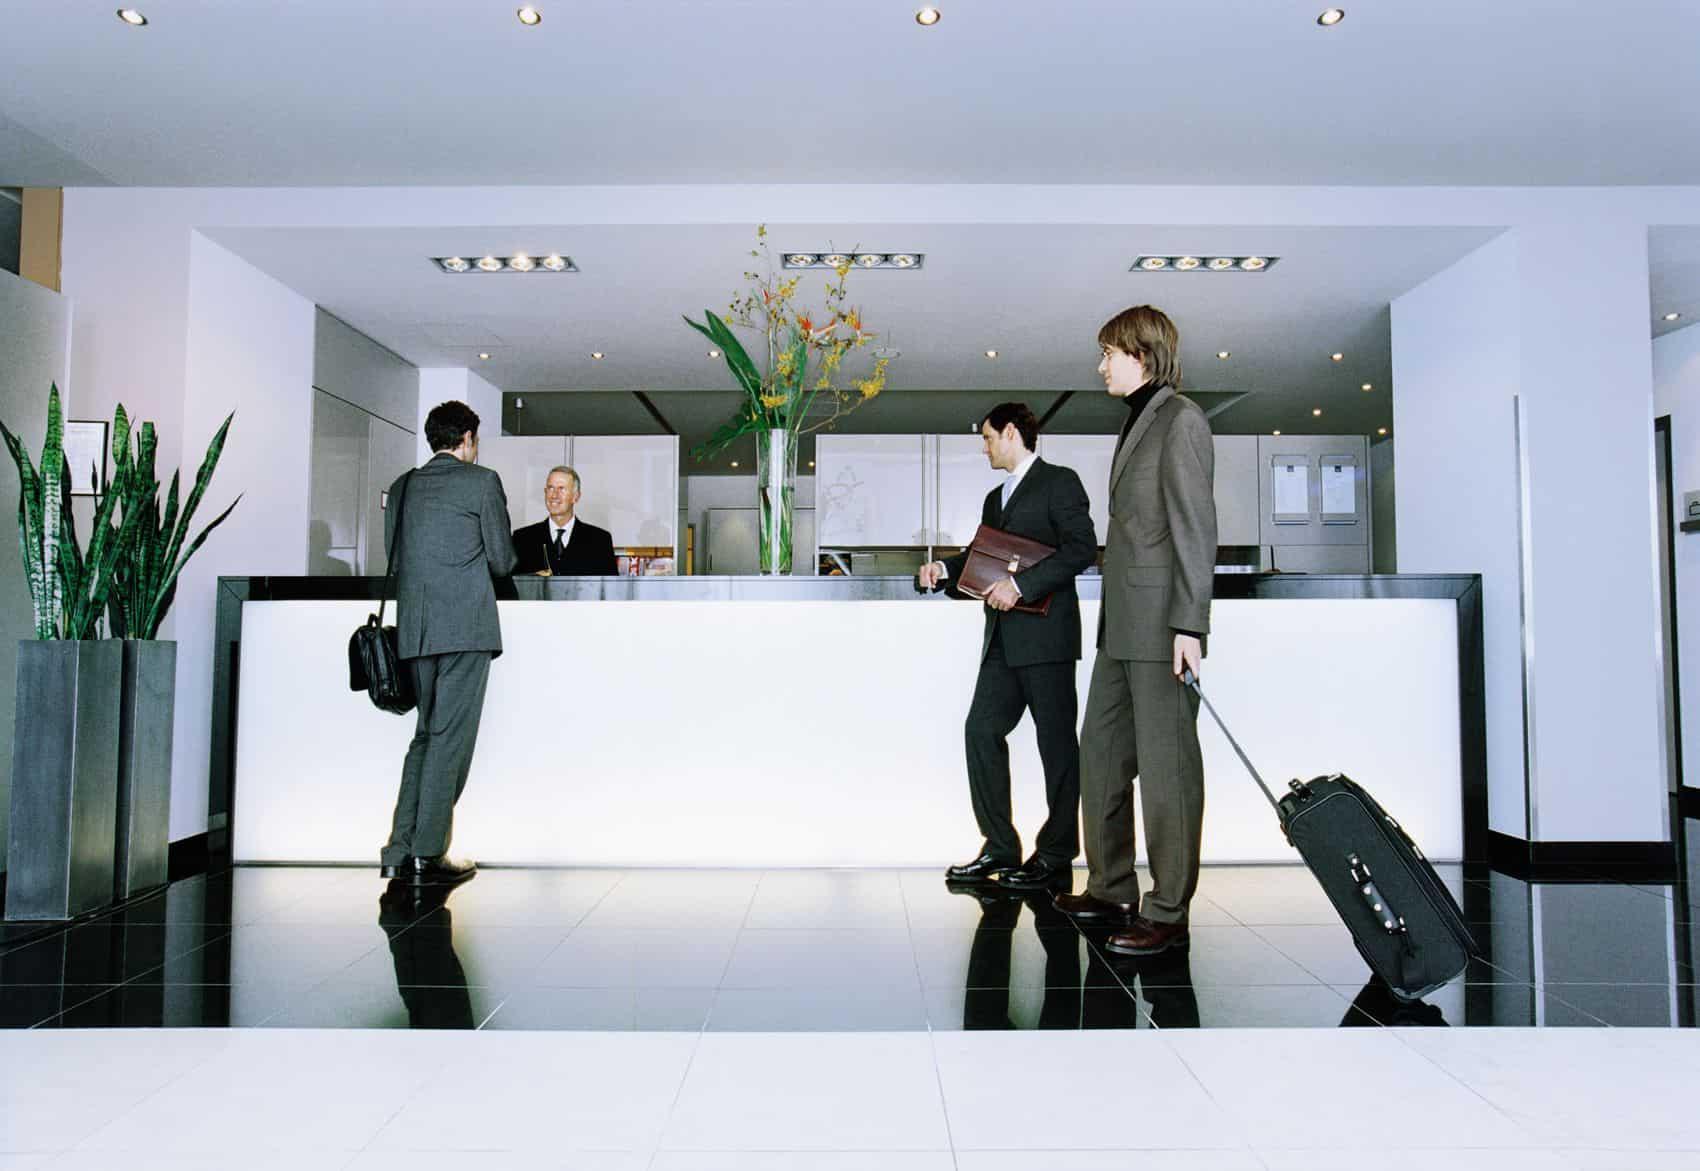 9 lưu ý để làm hài lòng khách hàng doanh nhân trong kinh doanh khách sạn